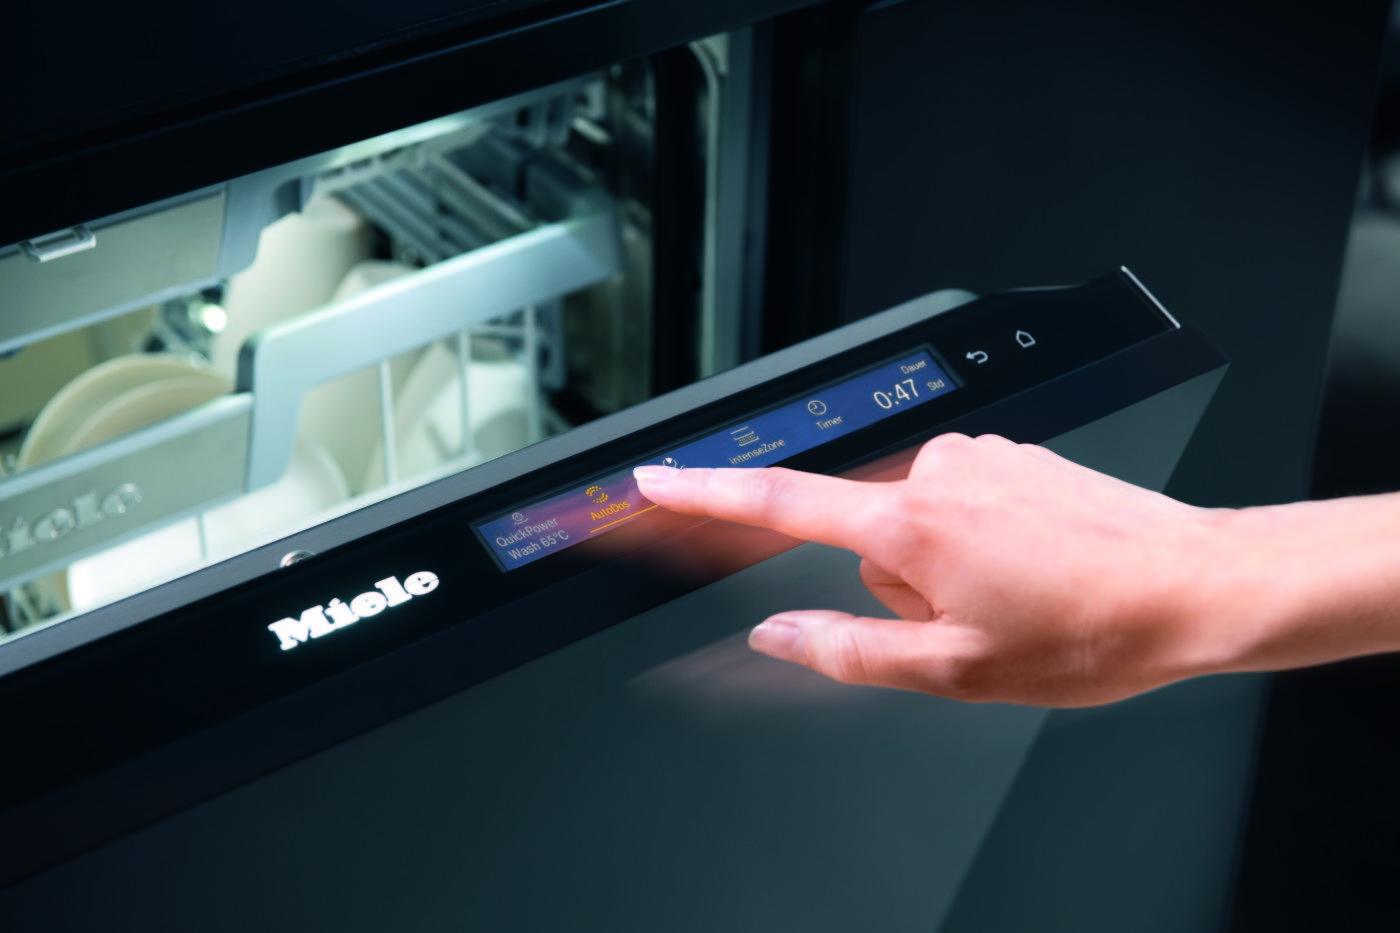 Touchscreen-Bedienfeld am Geschirrspüler